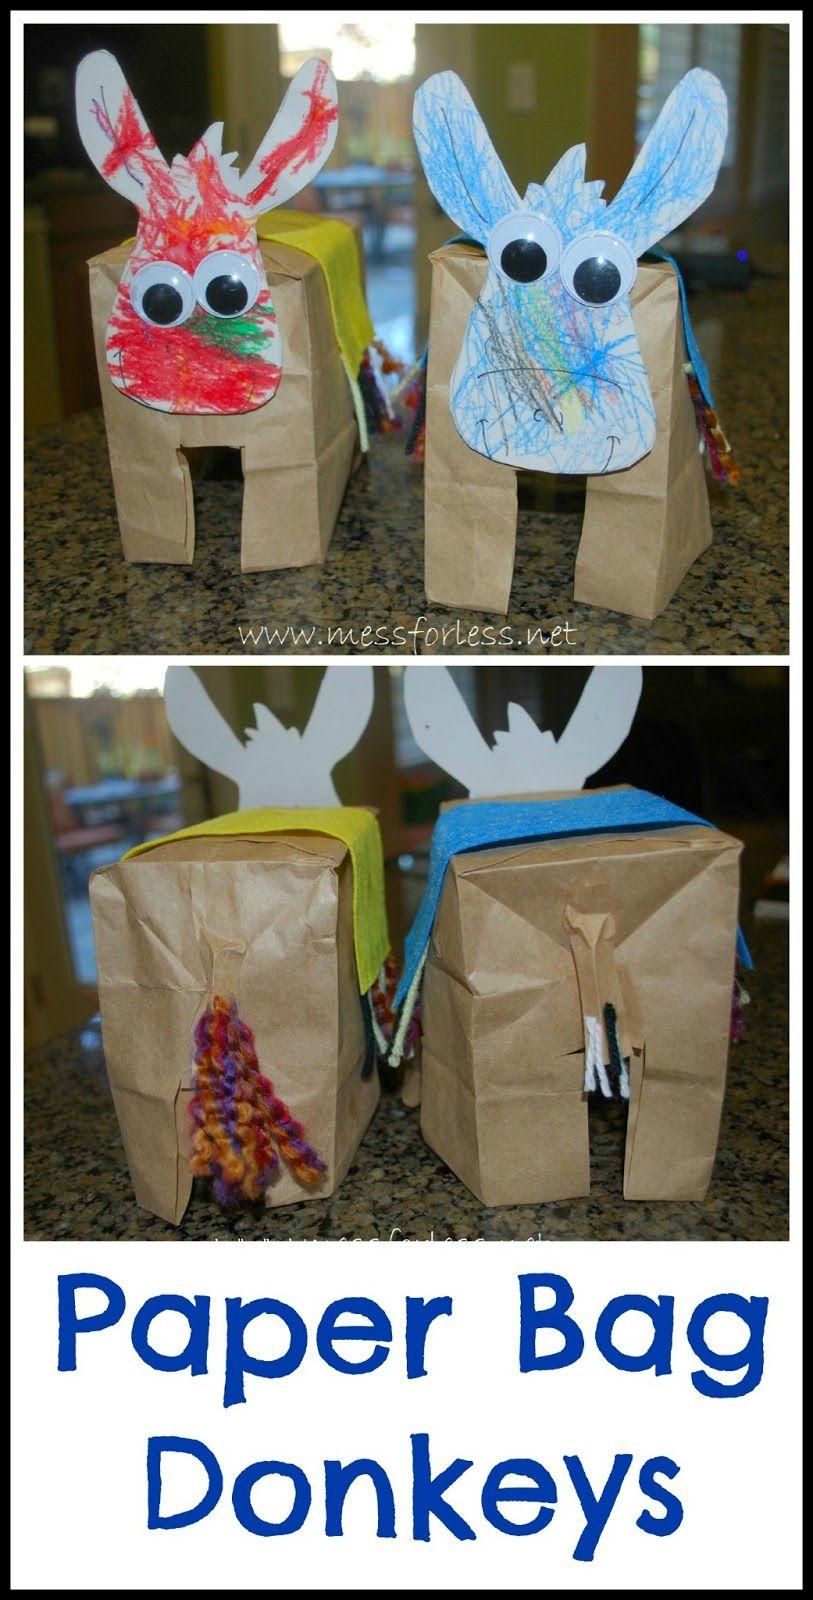 40+ Paper bag crafts for kids ideas